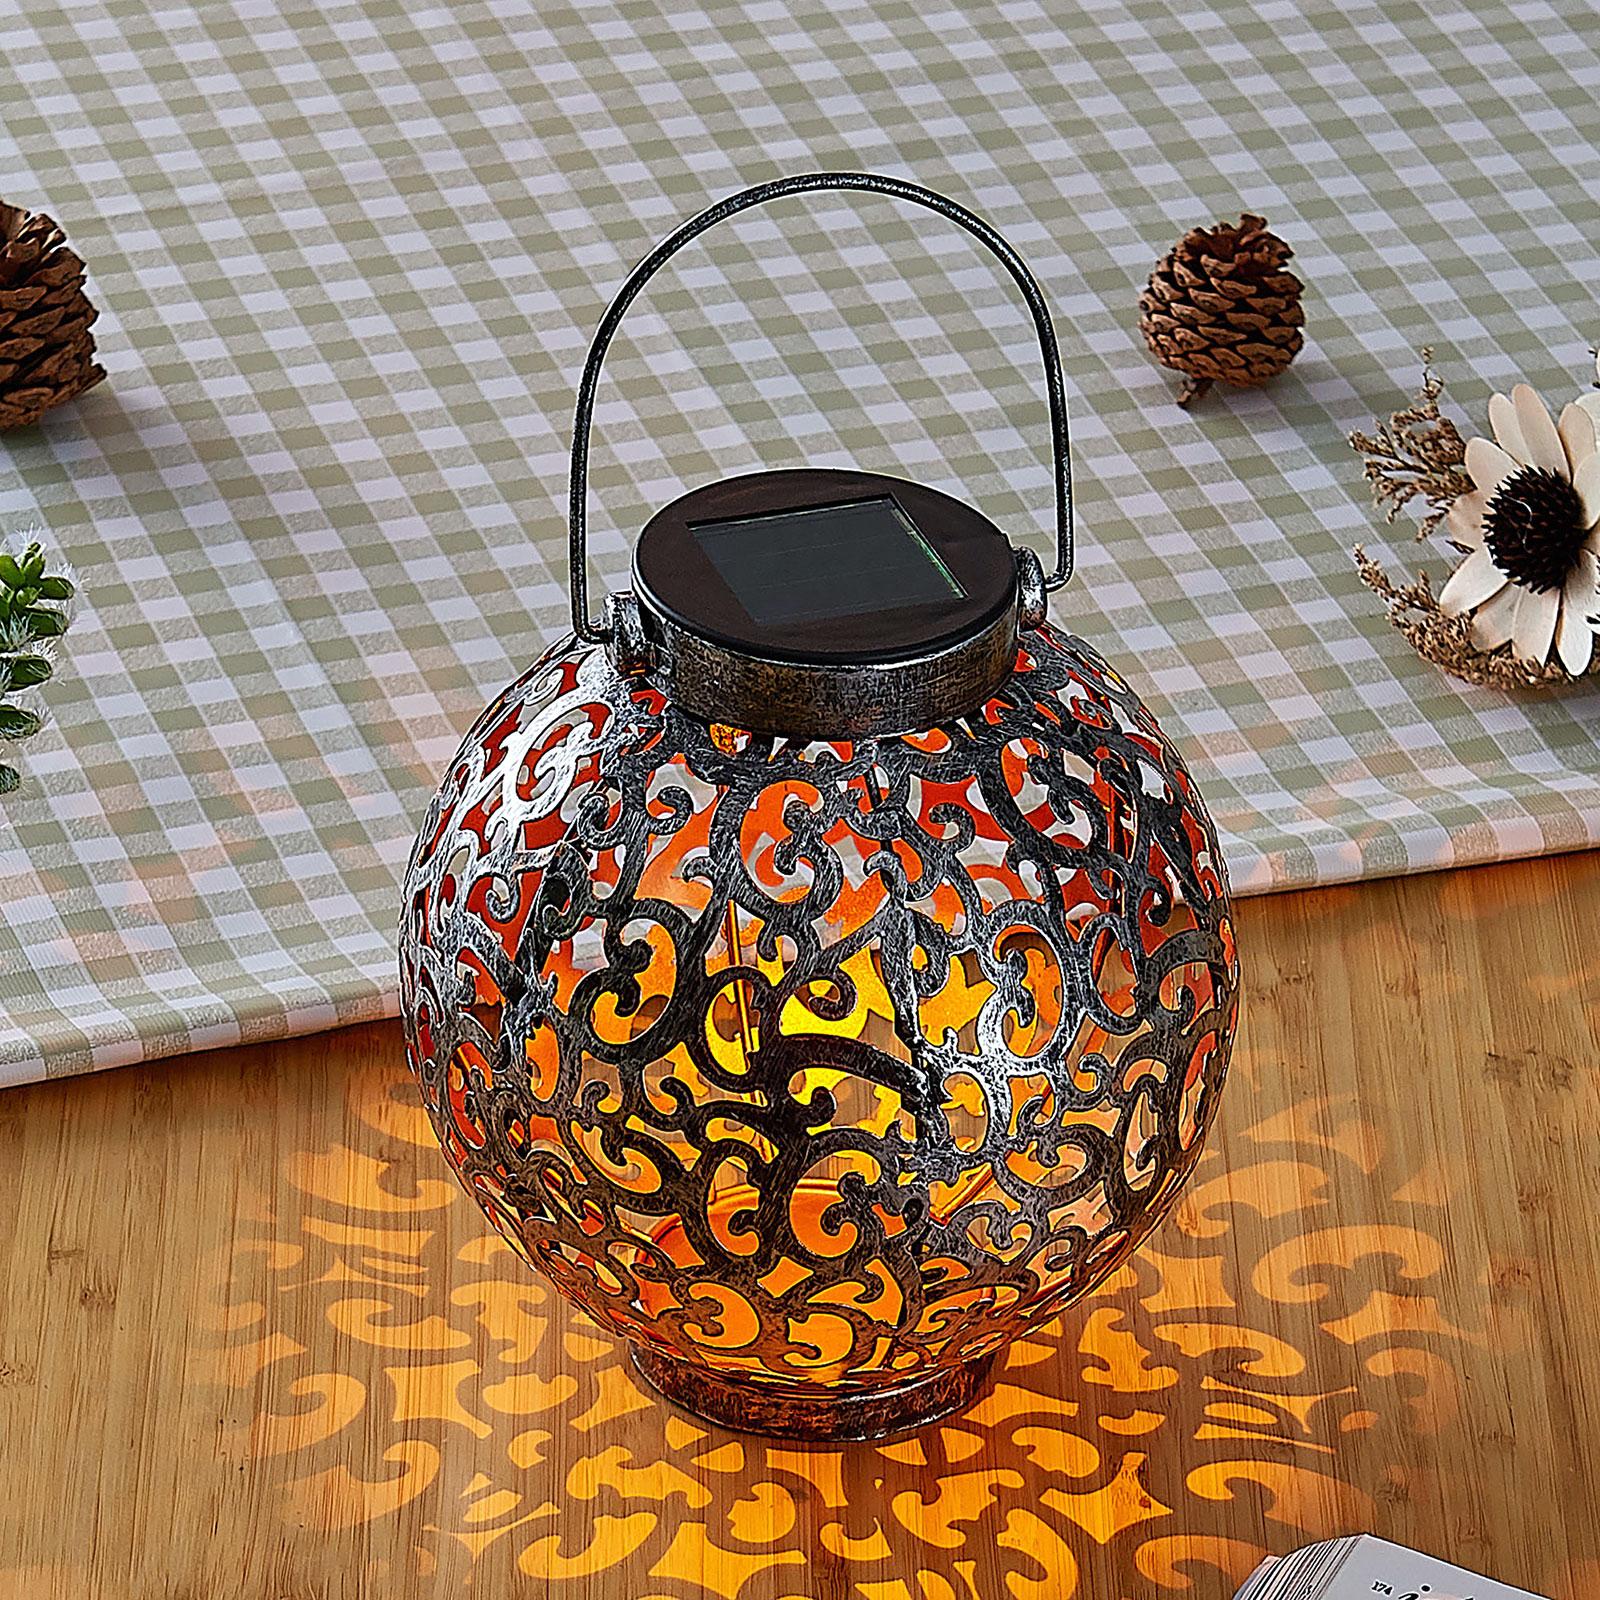 Adriano LED solar lantern, ornamentation, silver_9945357_1